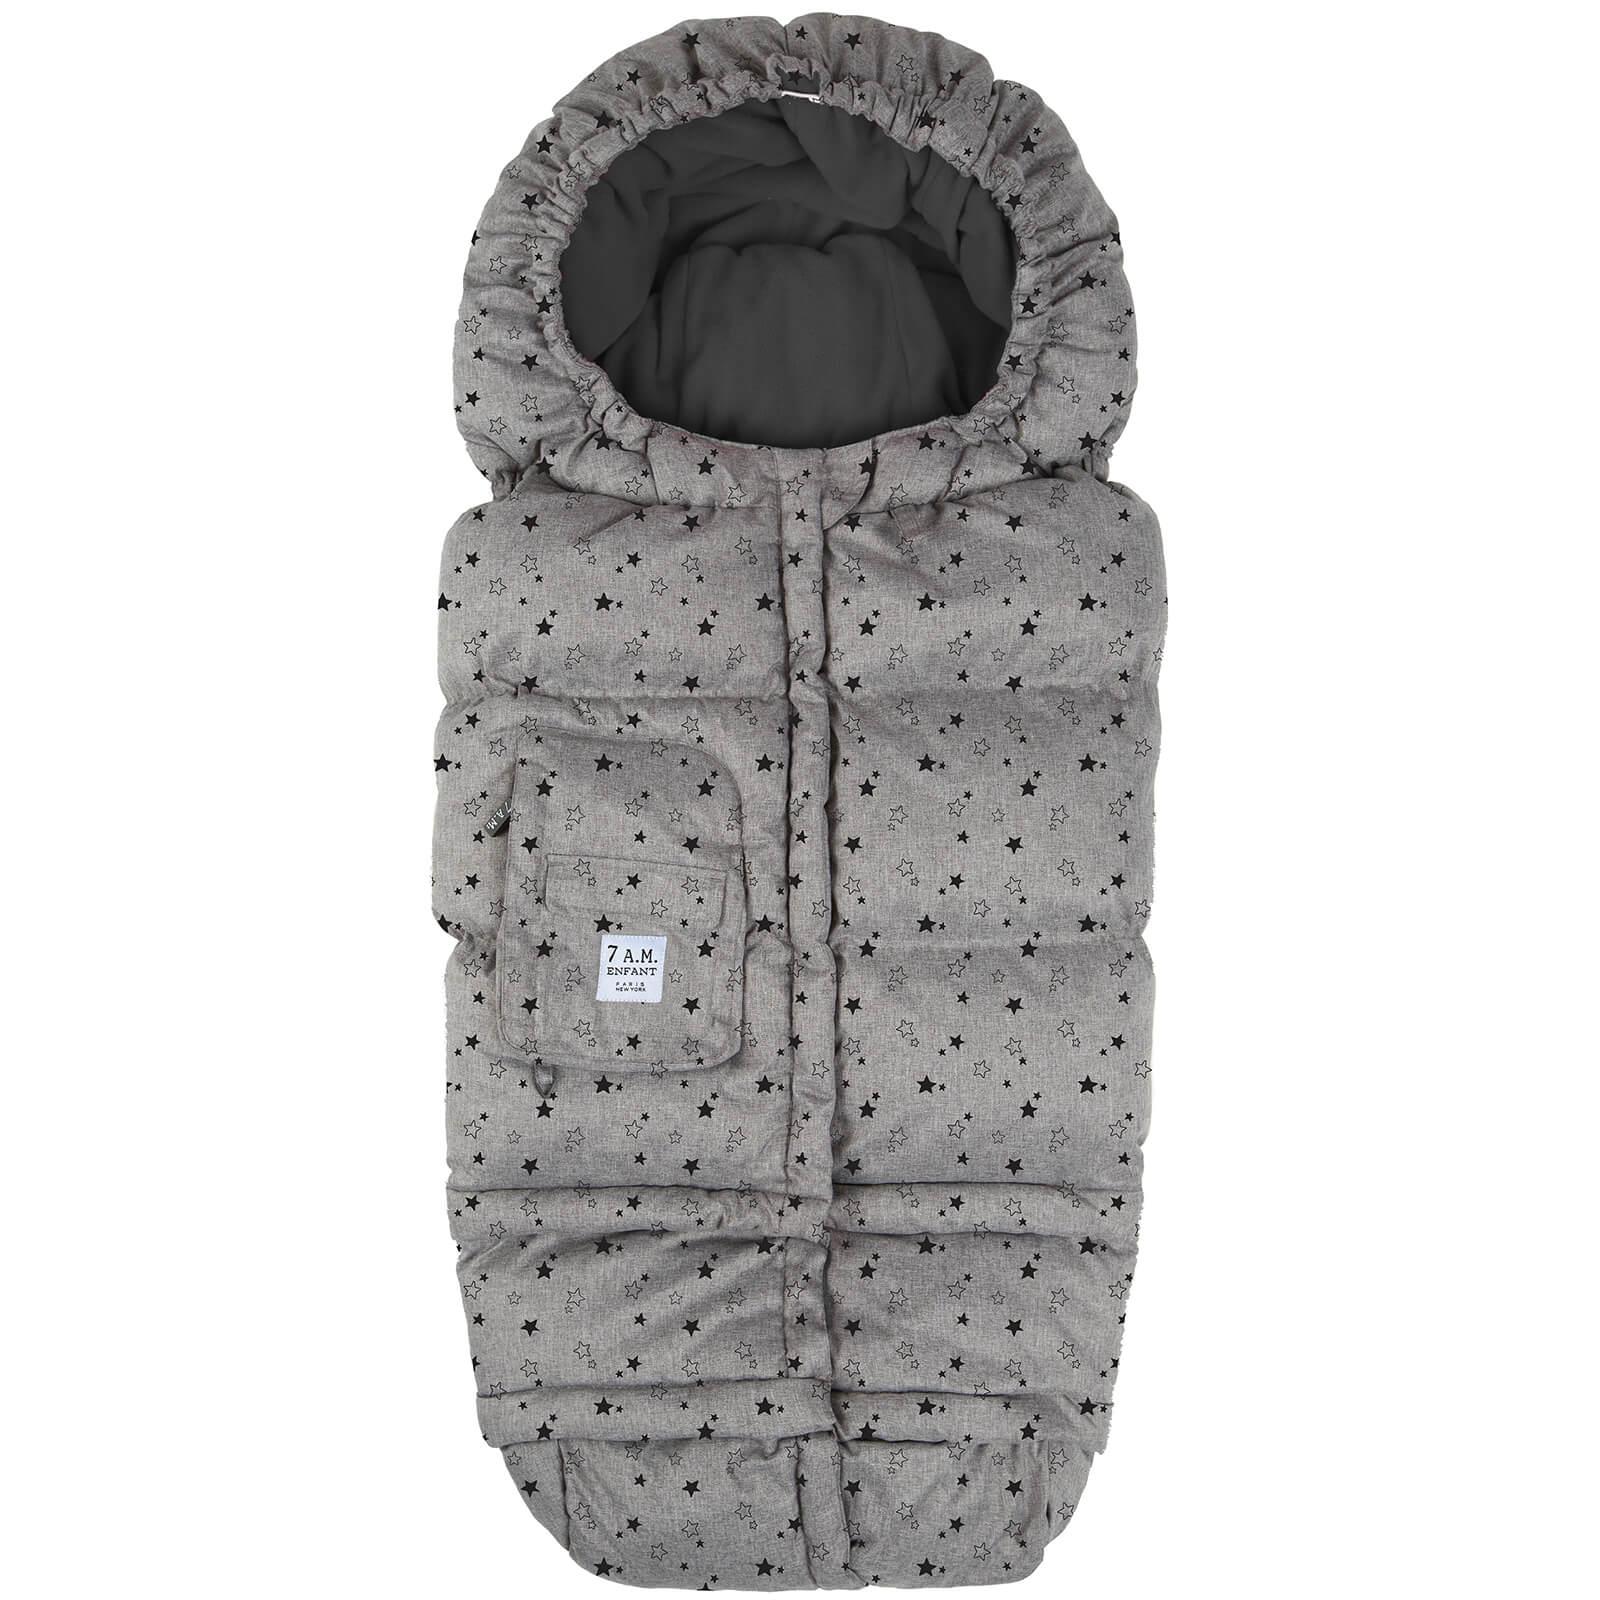 7 A.M. Enfant Blanket 212 Evolution - Grey